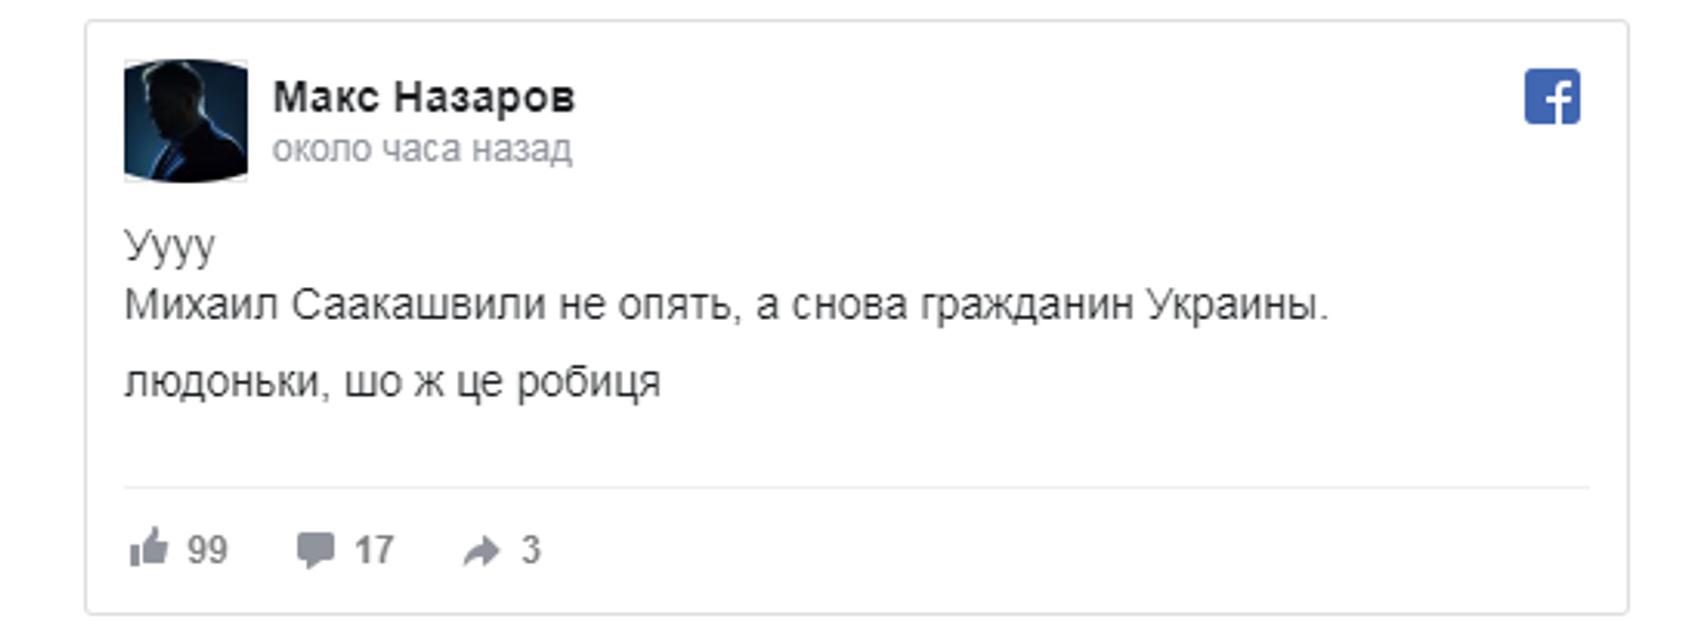 Саакашвили летит в Украину: лучшие шутки и МЕМЫ - фото 181743